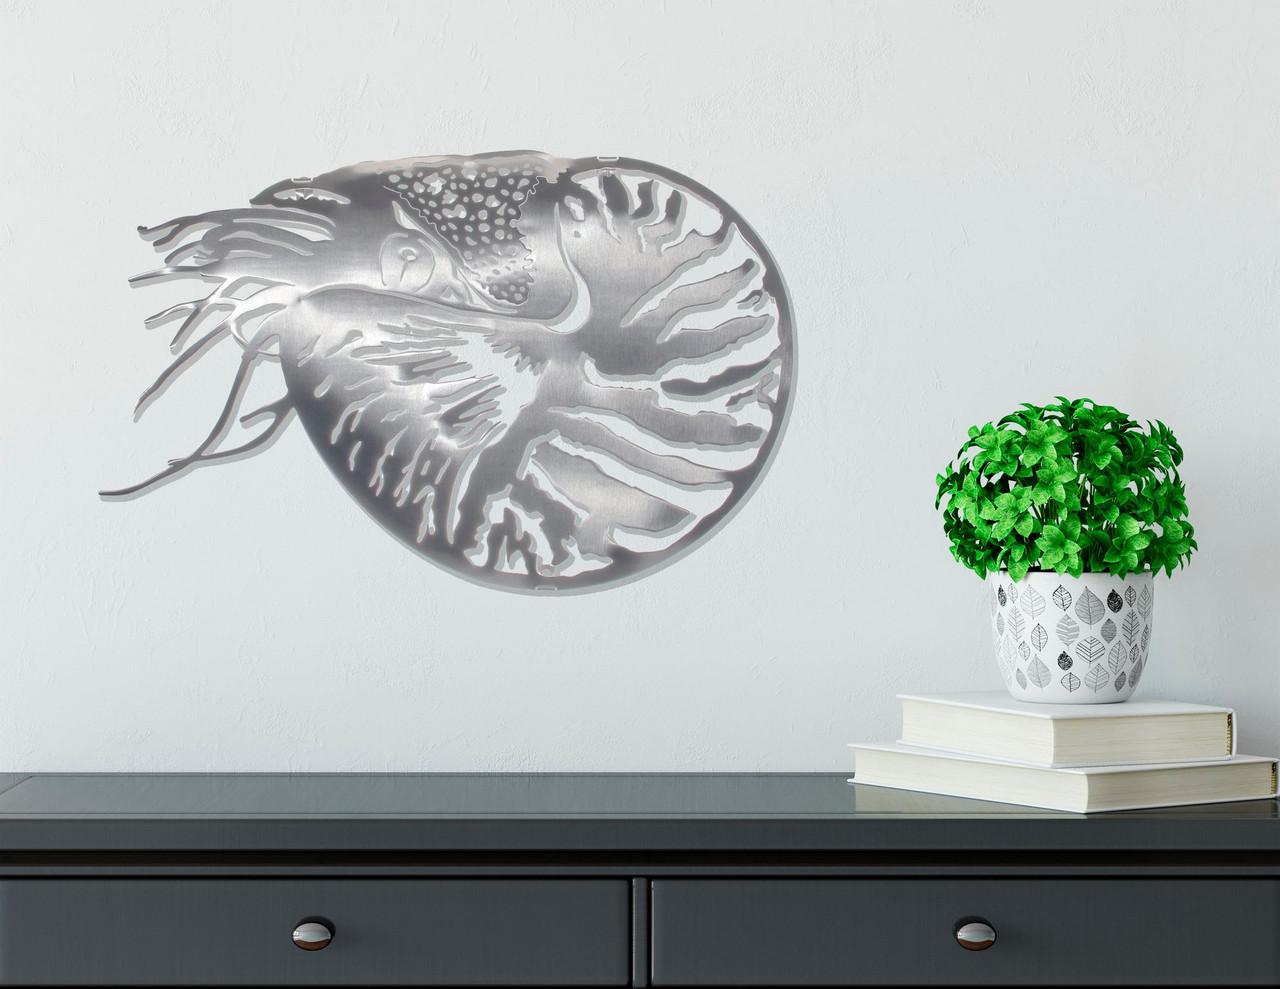 Nautilus Stainless Steel Wall Decor  Lifestyle